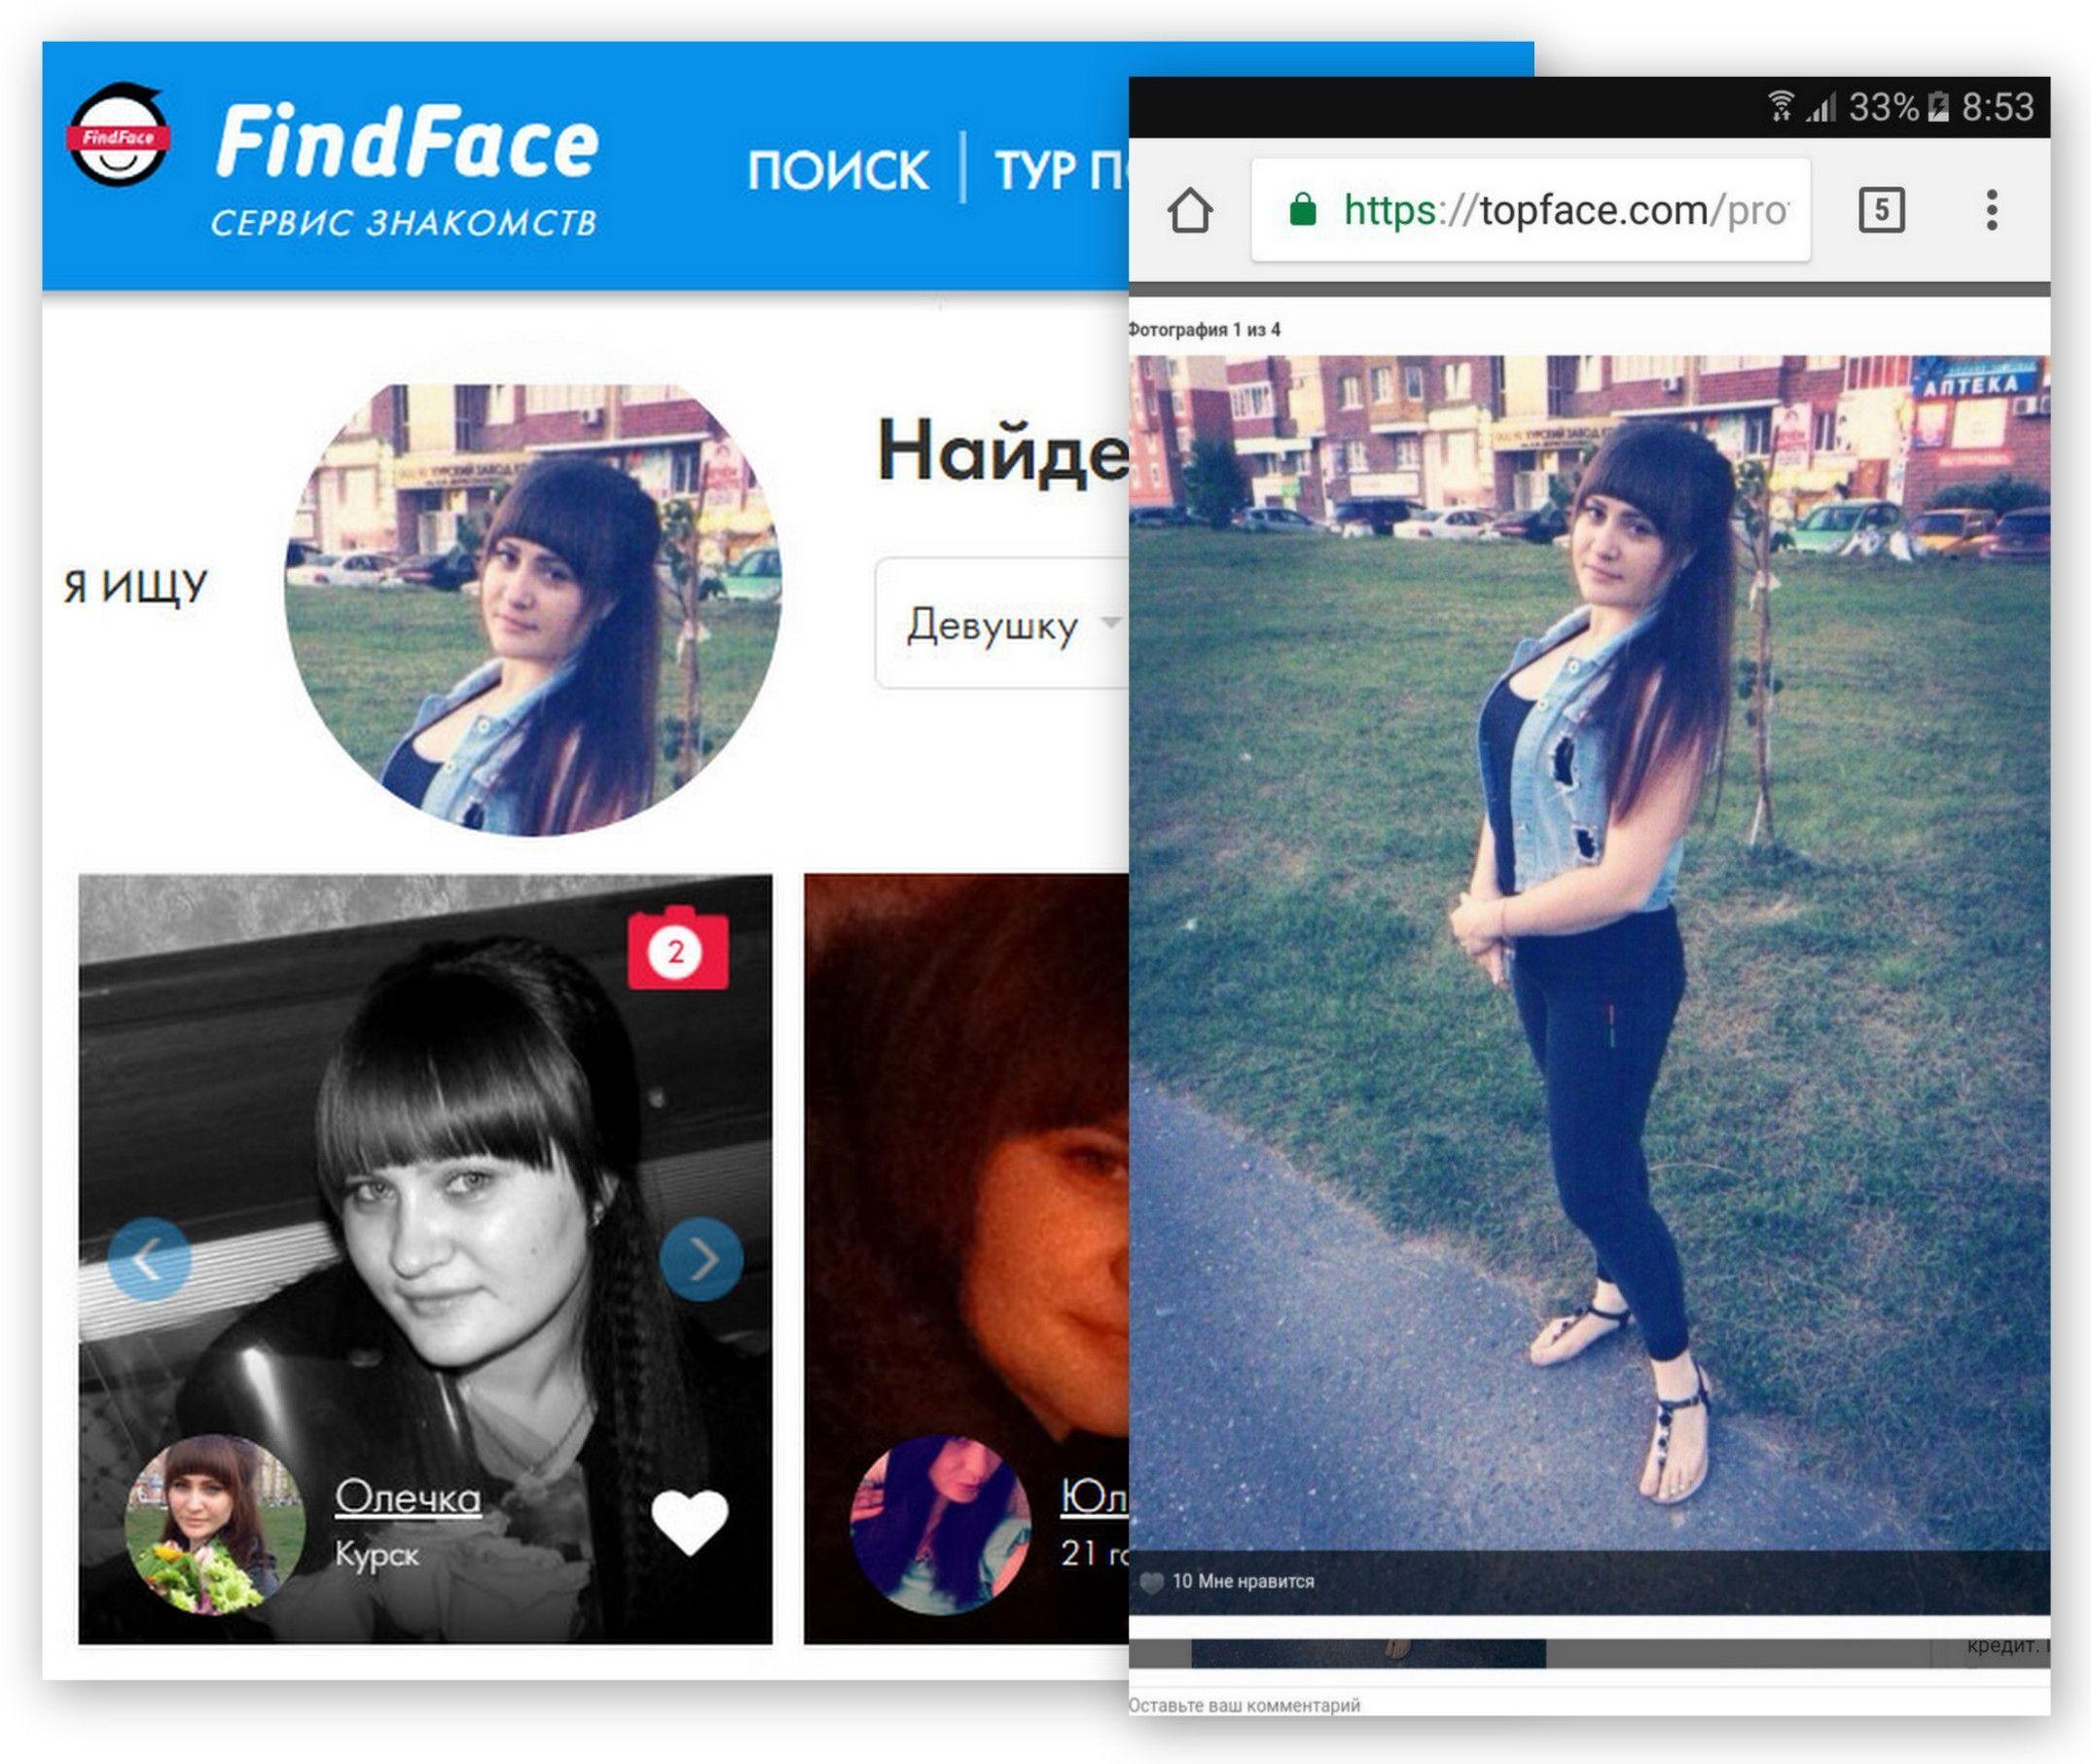 знакомства loveplanet.ru сайт бесплатного онлайн общения с реальными